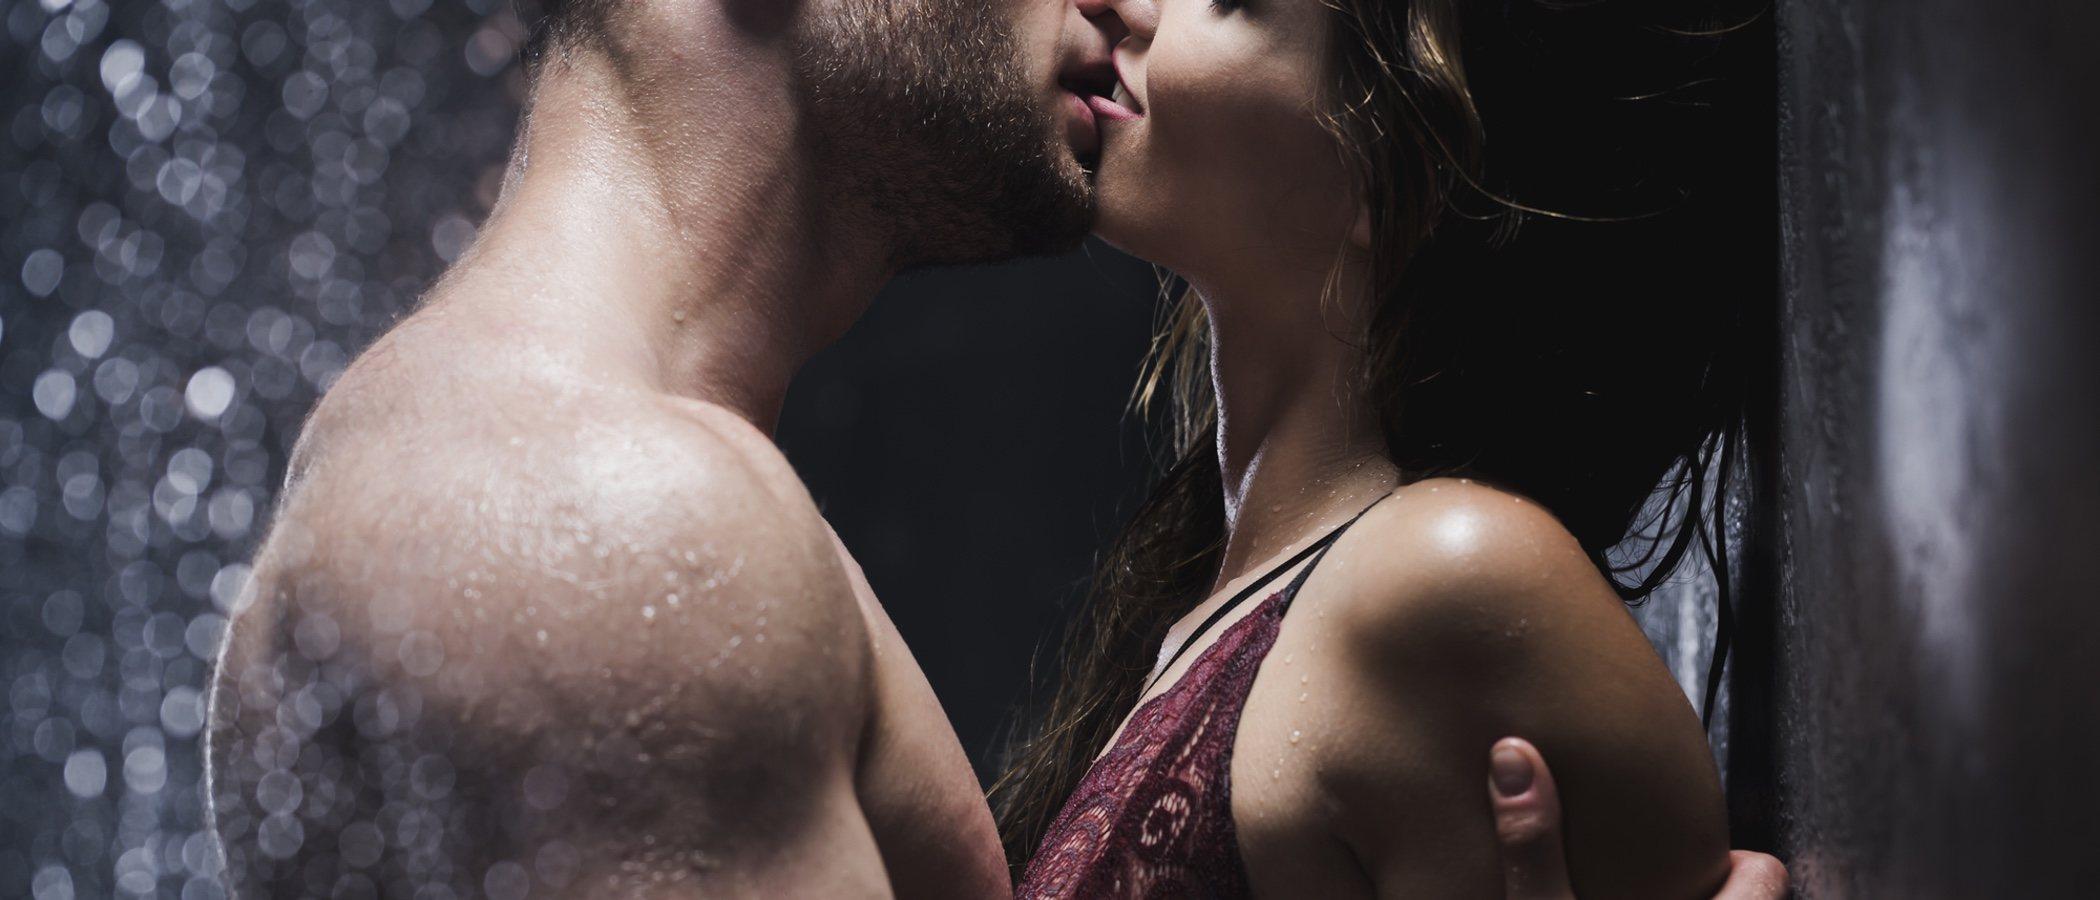 Horóscopo sexual diciembre 2018: Géminis